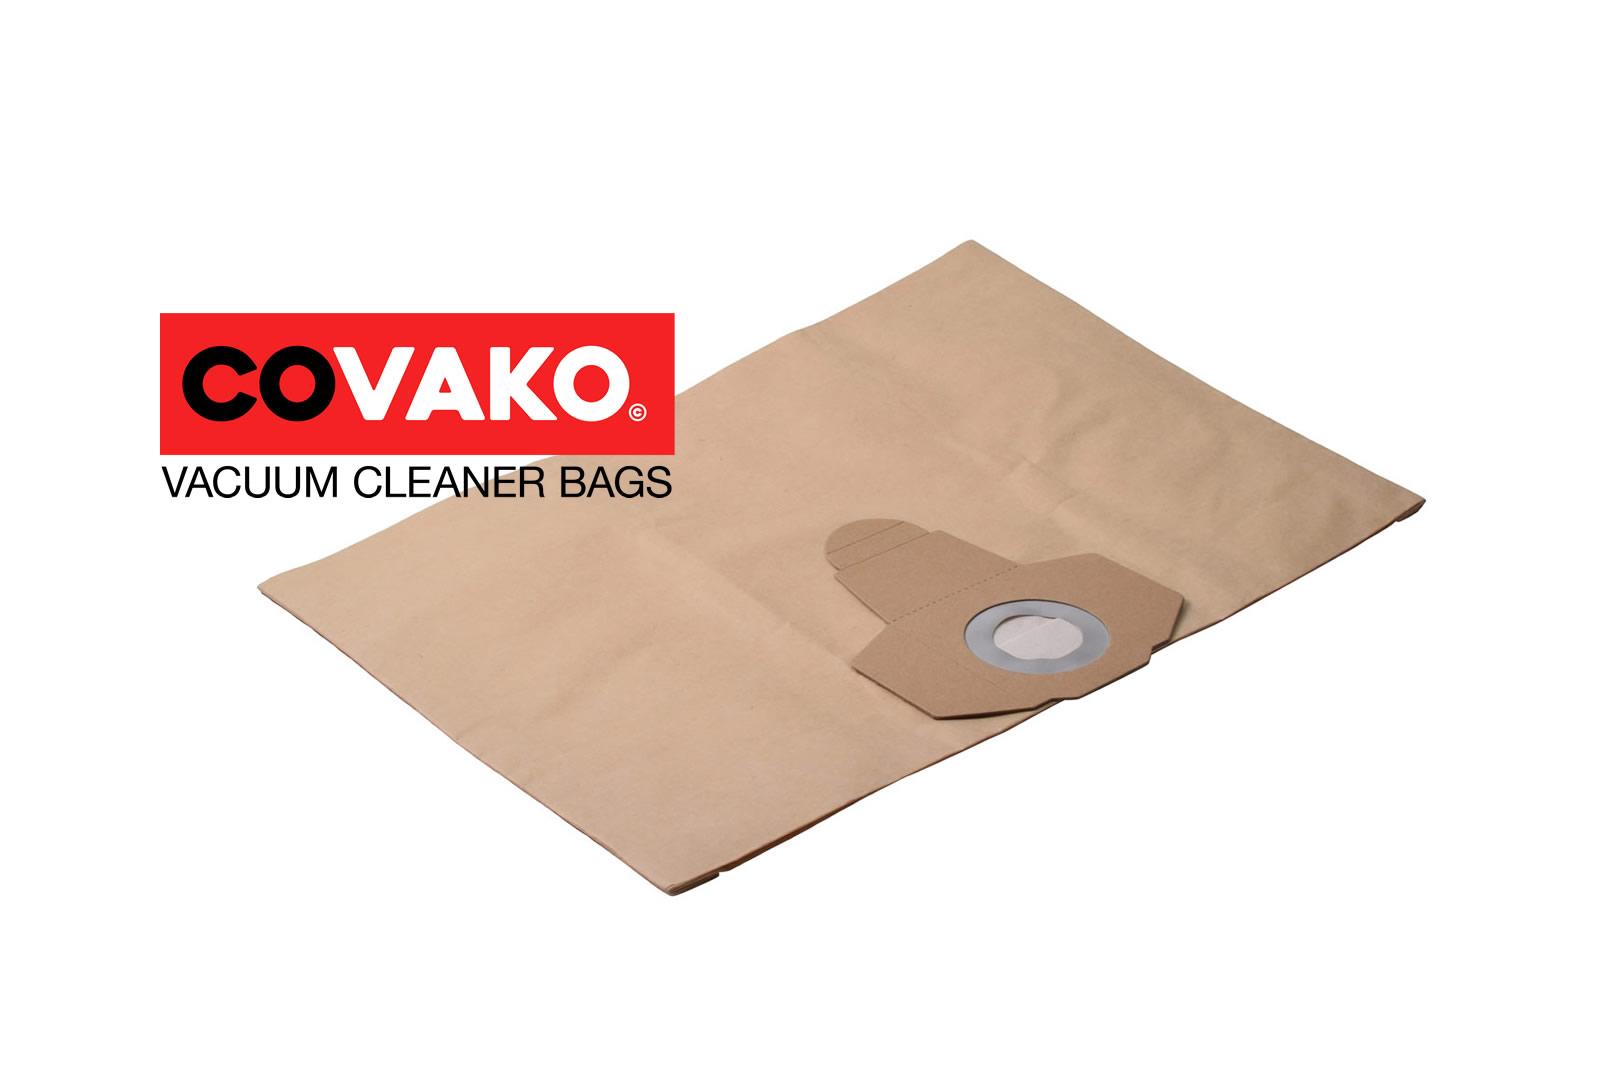 AquaVac Boxter 30 S / Papier - AquaVac stofzuigerzakken